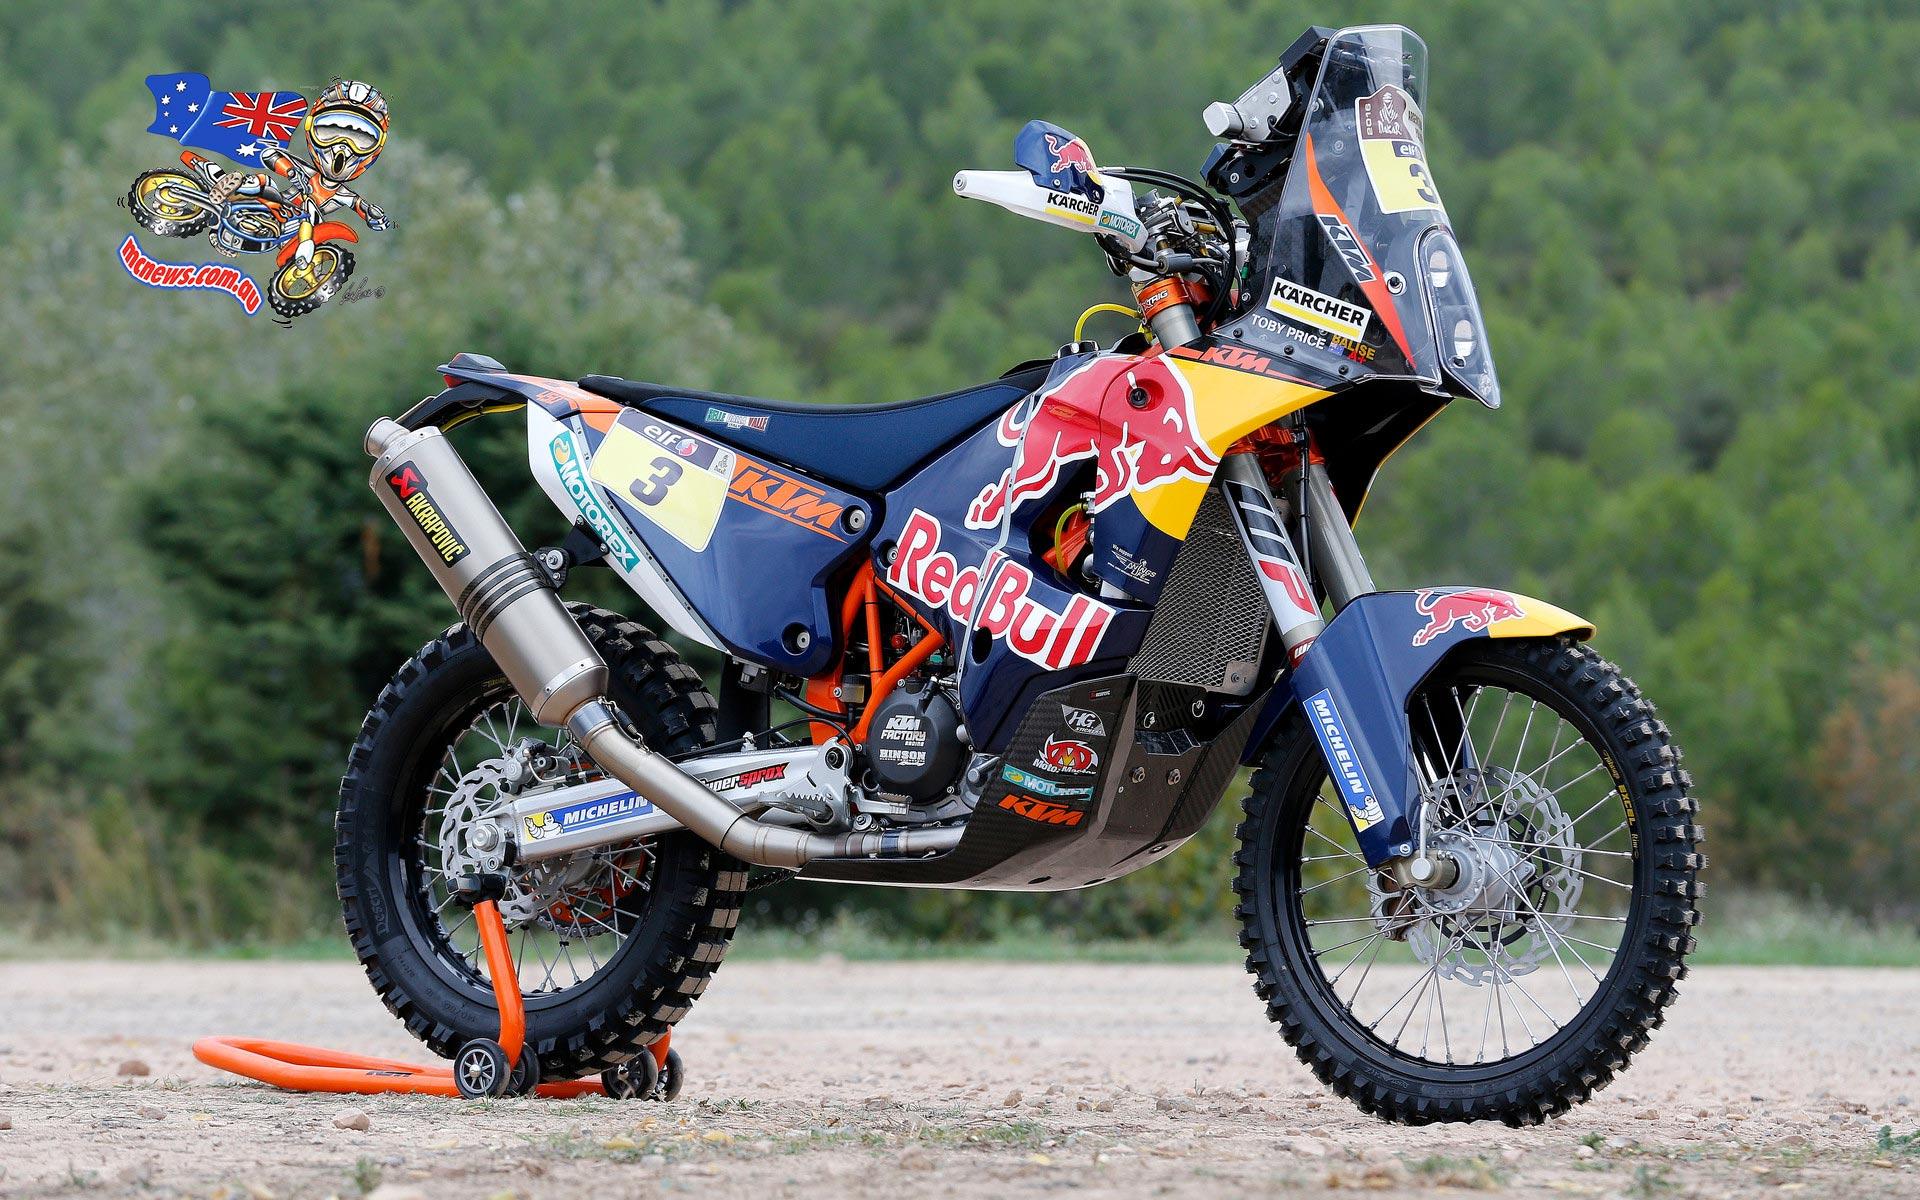 Buy Used Ktm Dirt Bikes